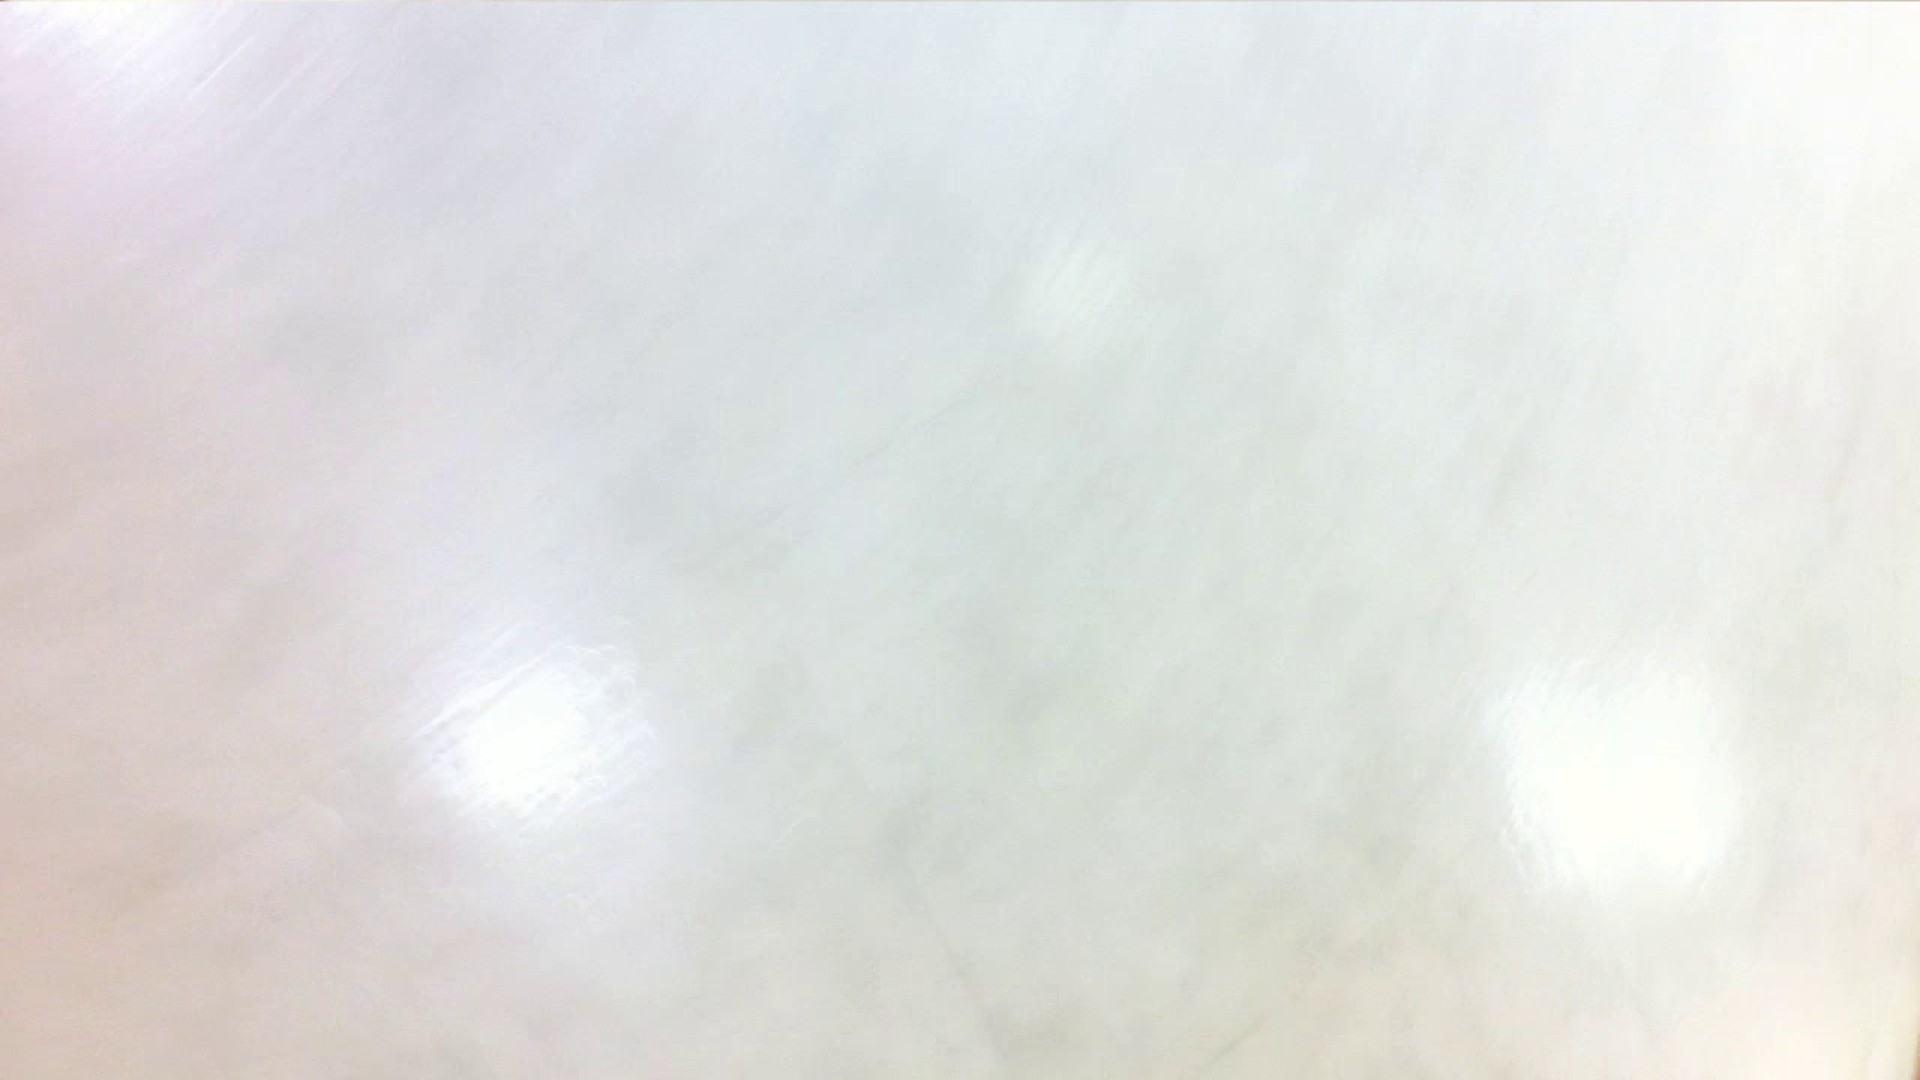 可愛いカリスマ店員限定‼胸チラ&パンチラ vol.23 おまんこ無修正 盗撮動画紹介 98画像 88